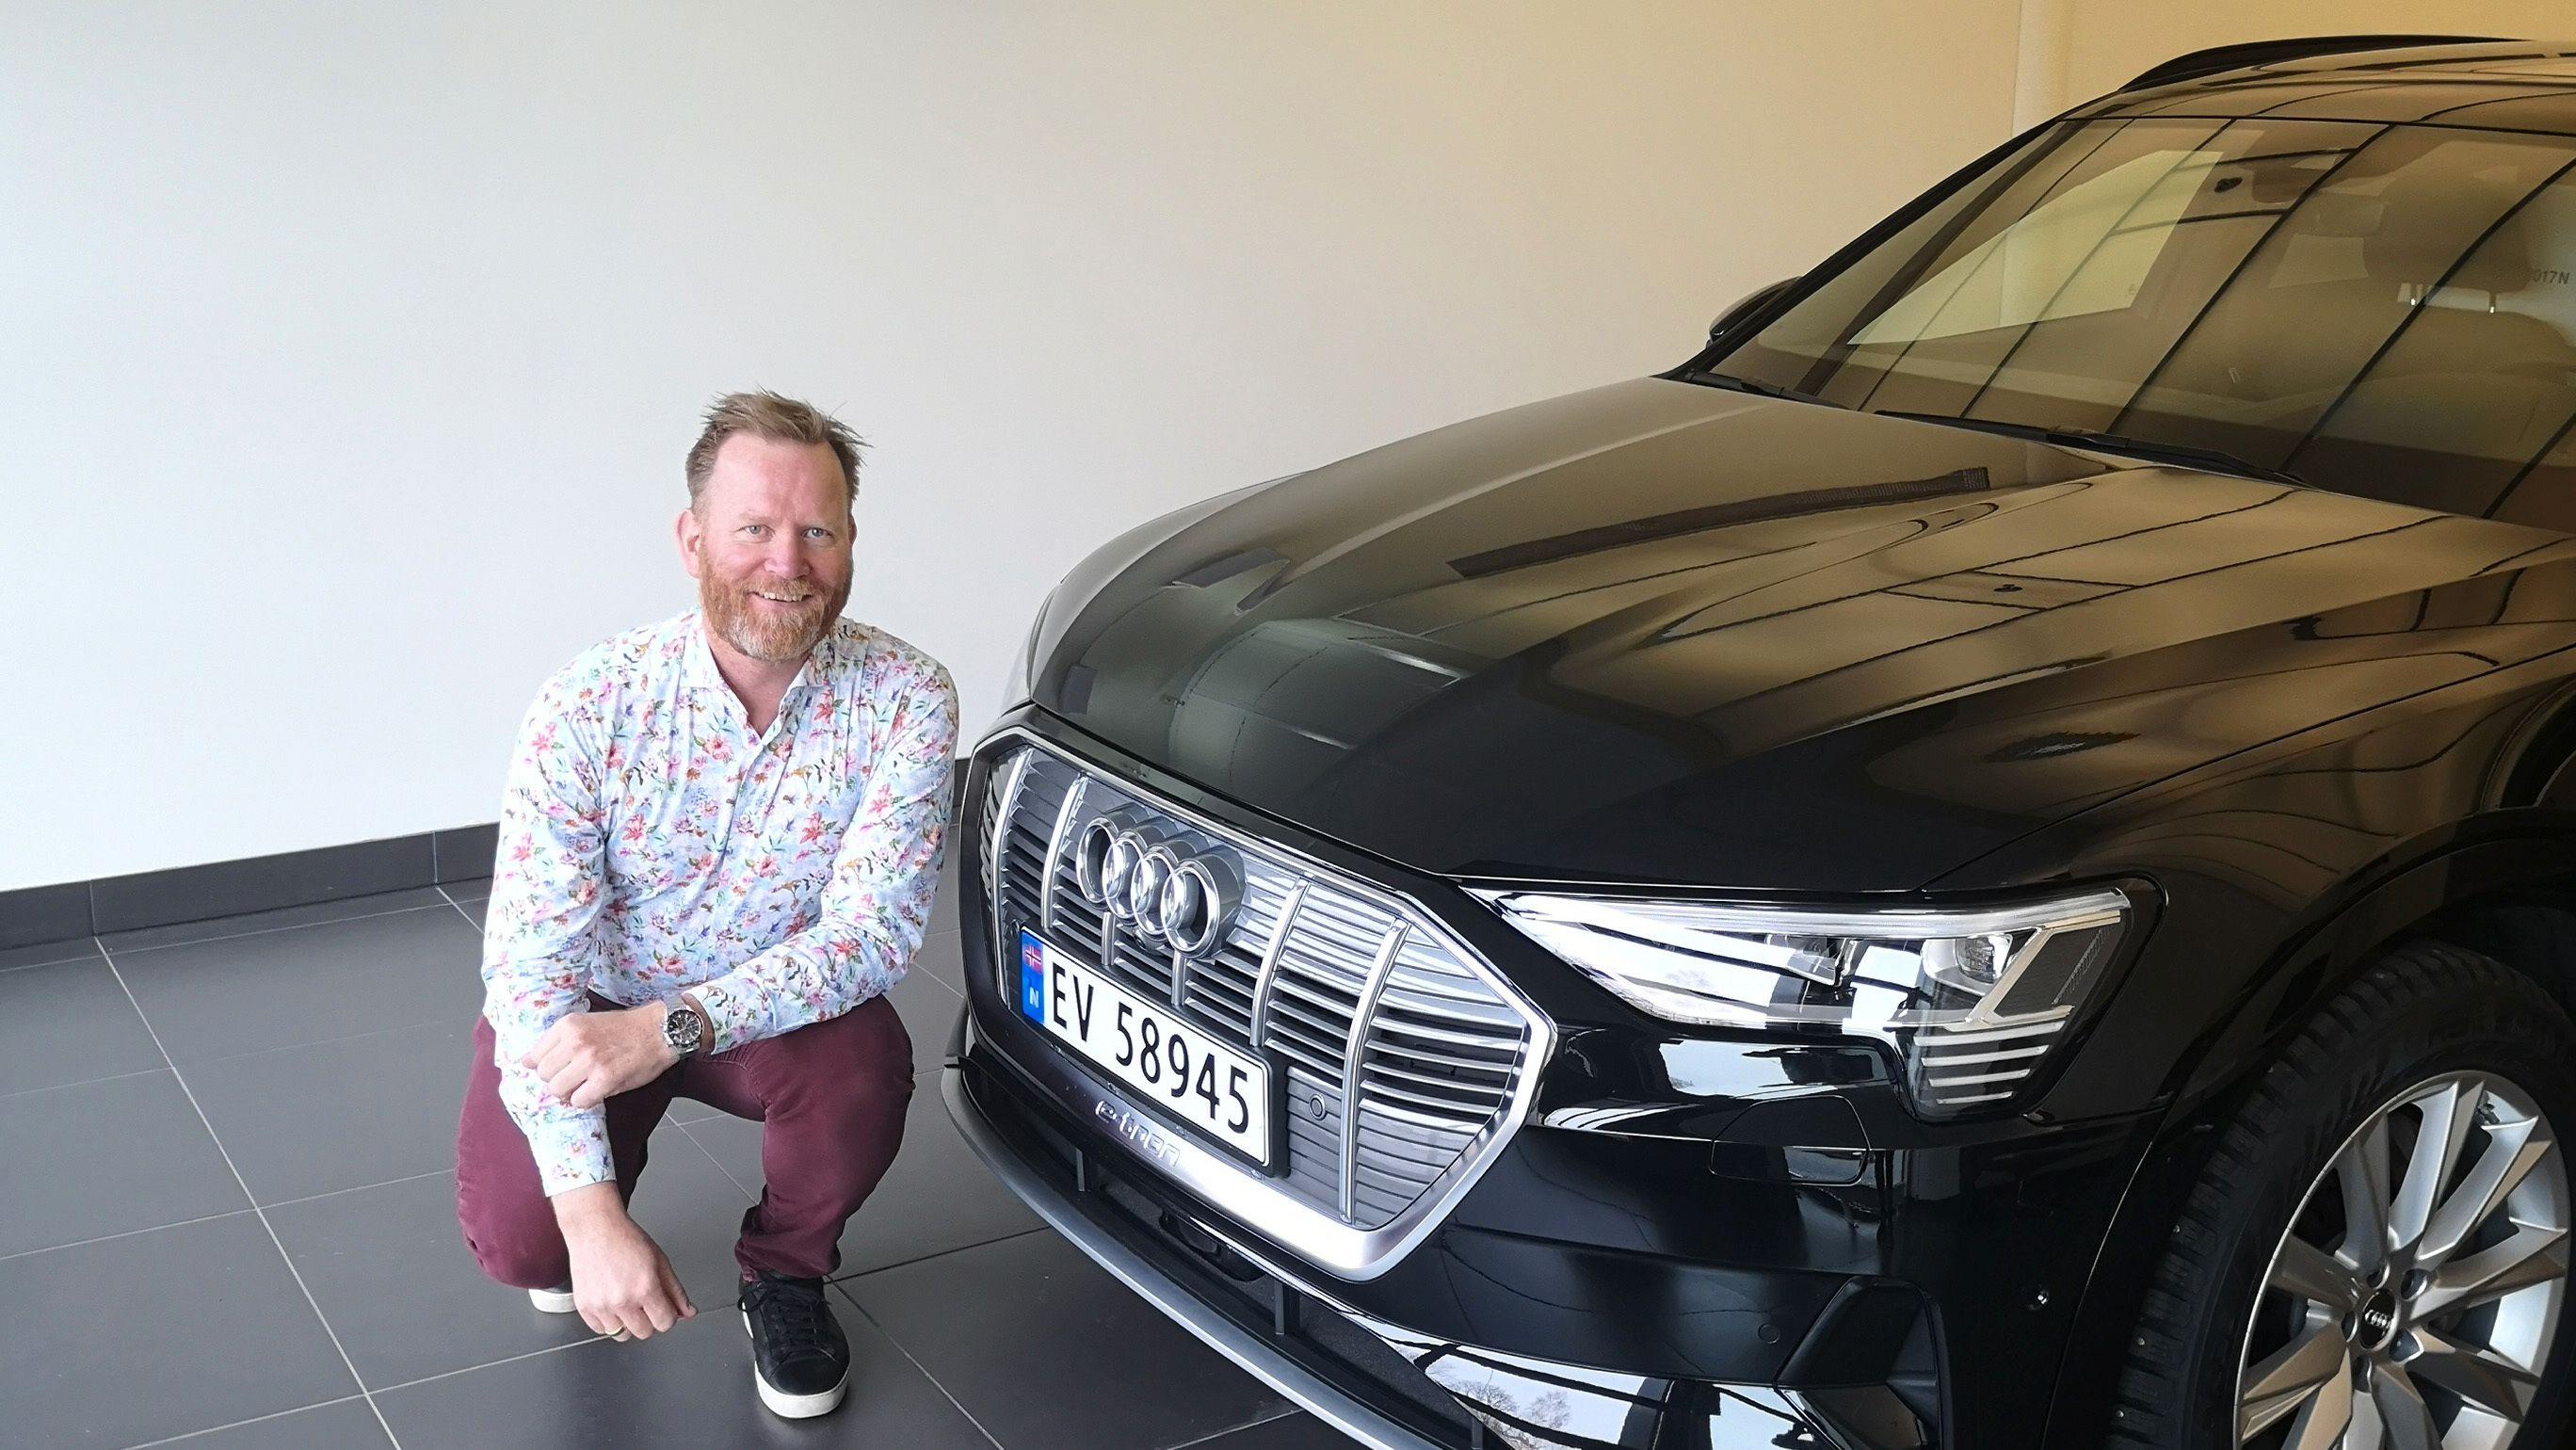 Øyvind Stensby fornøyd hos Audi-forhandleren før levering. Nå er bilen på verksted etter å ha stått til lading for lenge.